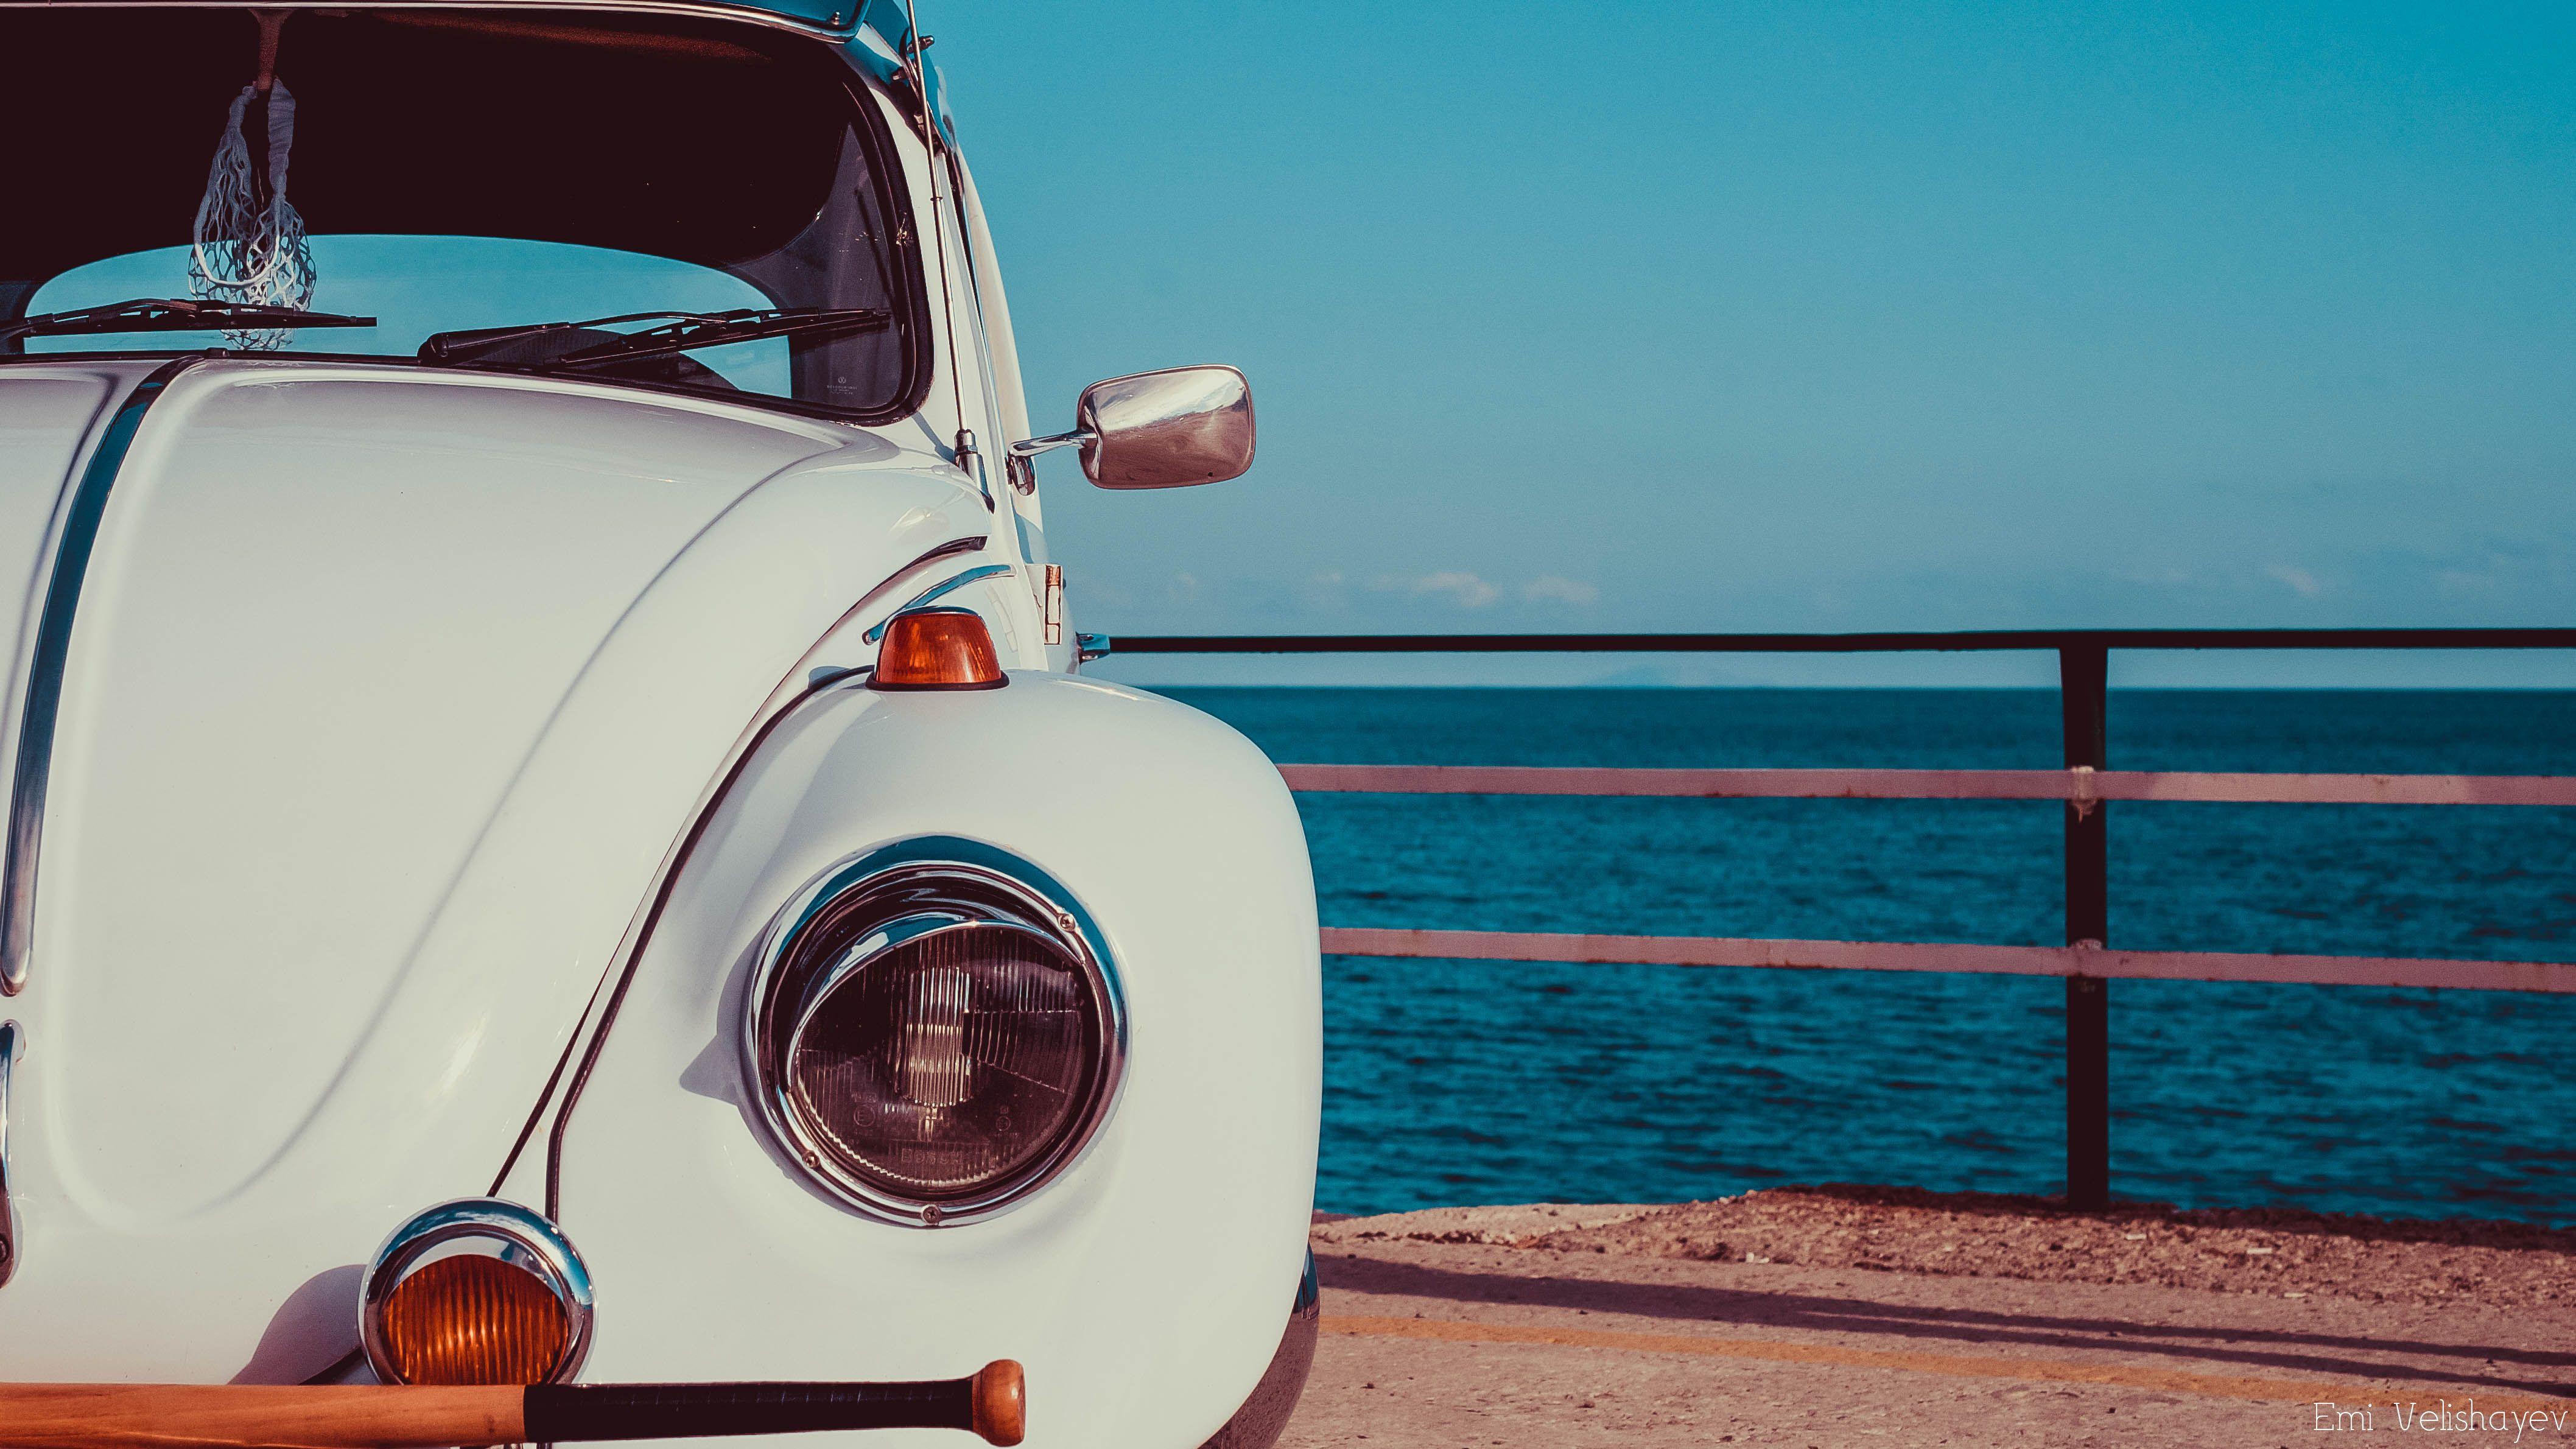 Vehicles Volkswagen Beetle Wallpaper Volkswagen Beetle Volkswagen Beetle